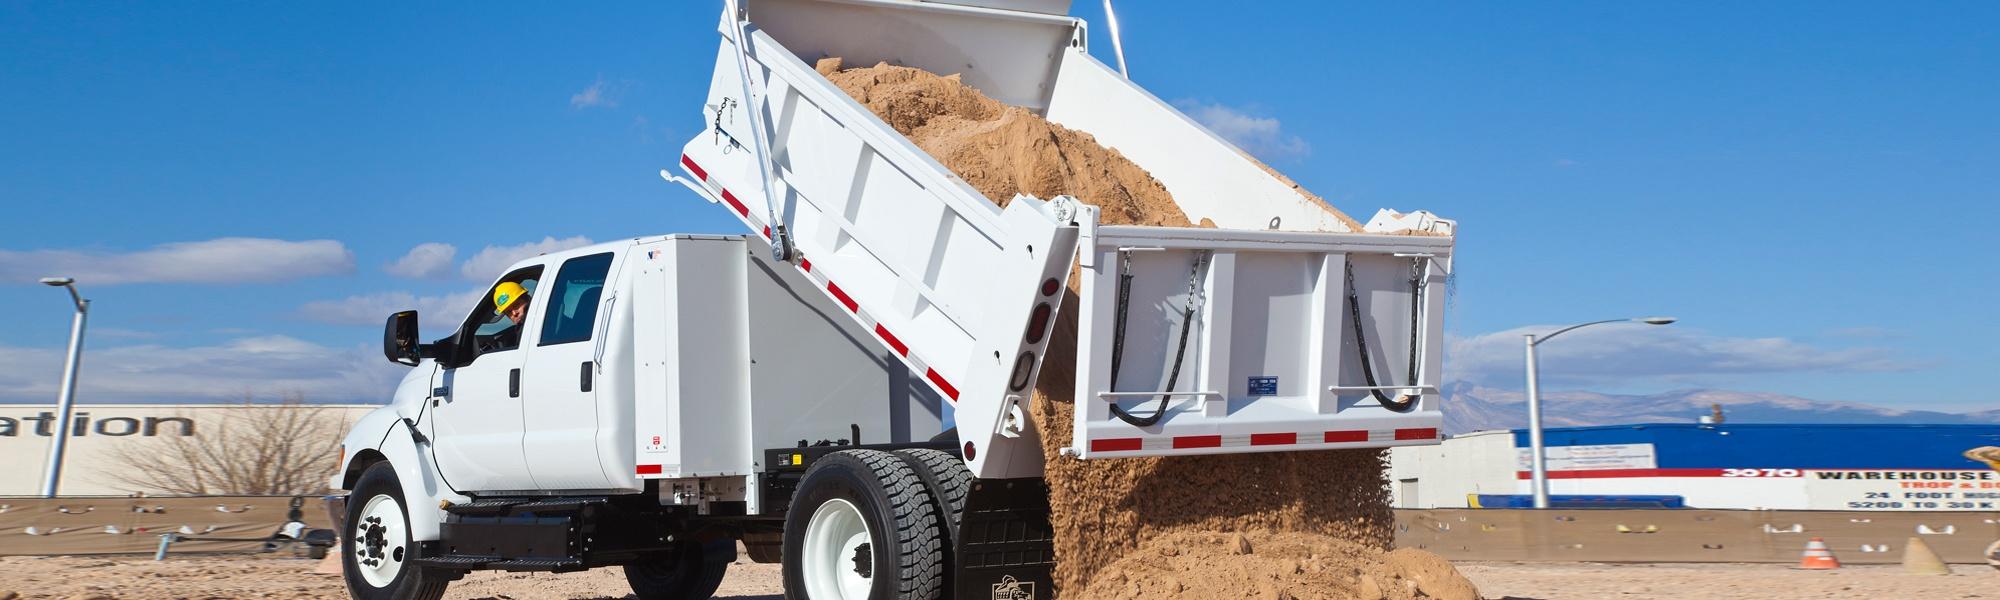 dump-trucks-banner.jpg